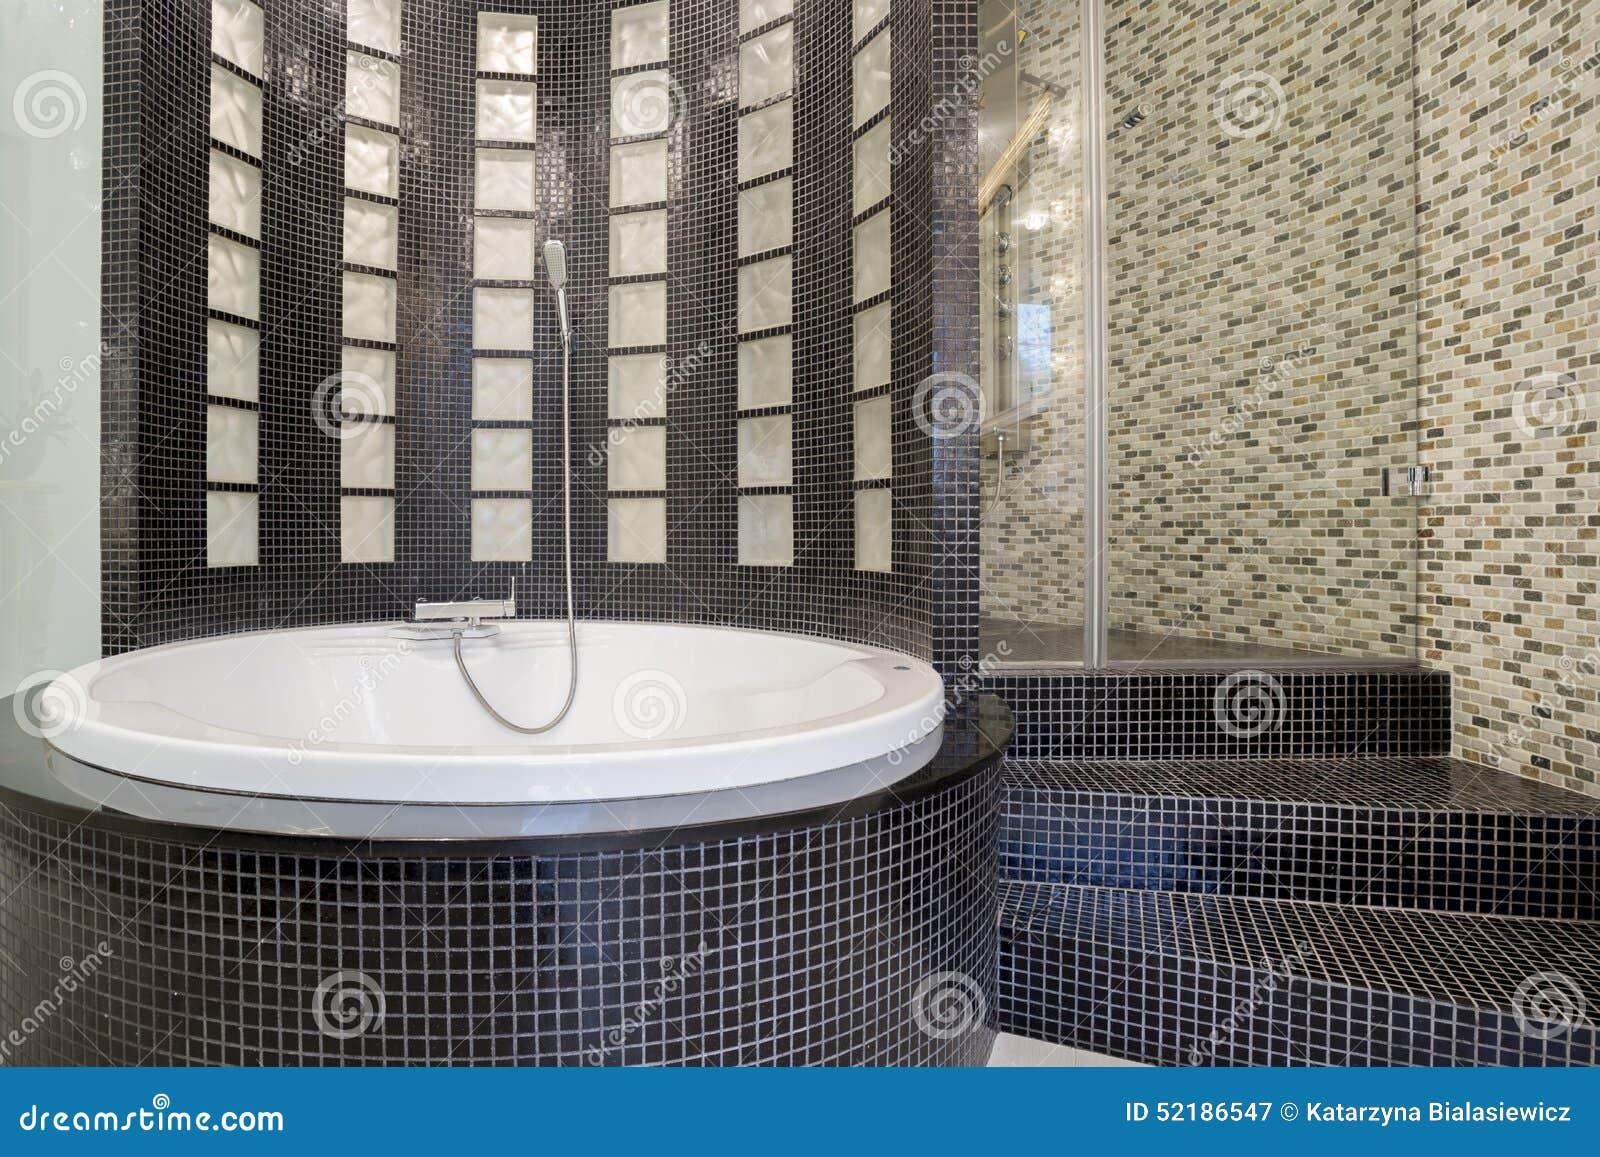 Banheira Redonda Dentro Do Banheiro Preto Foto de Stock Imagem  #786E53 1300x957 Banheira De Banheiro